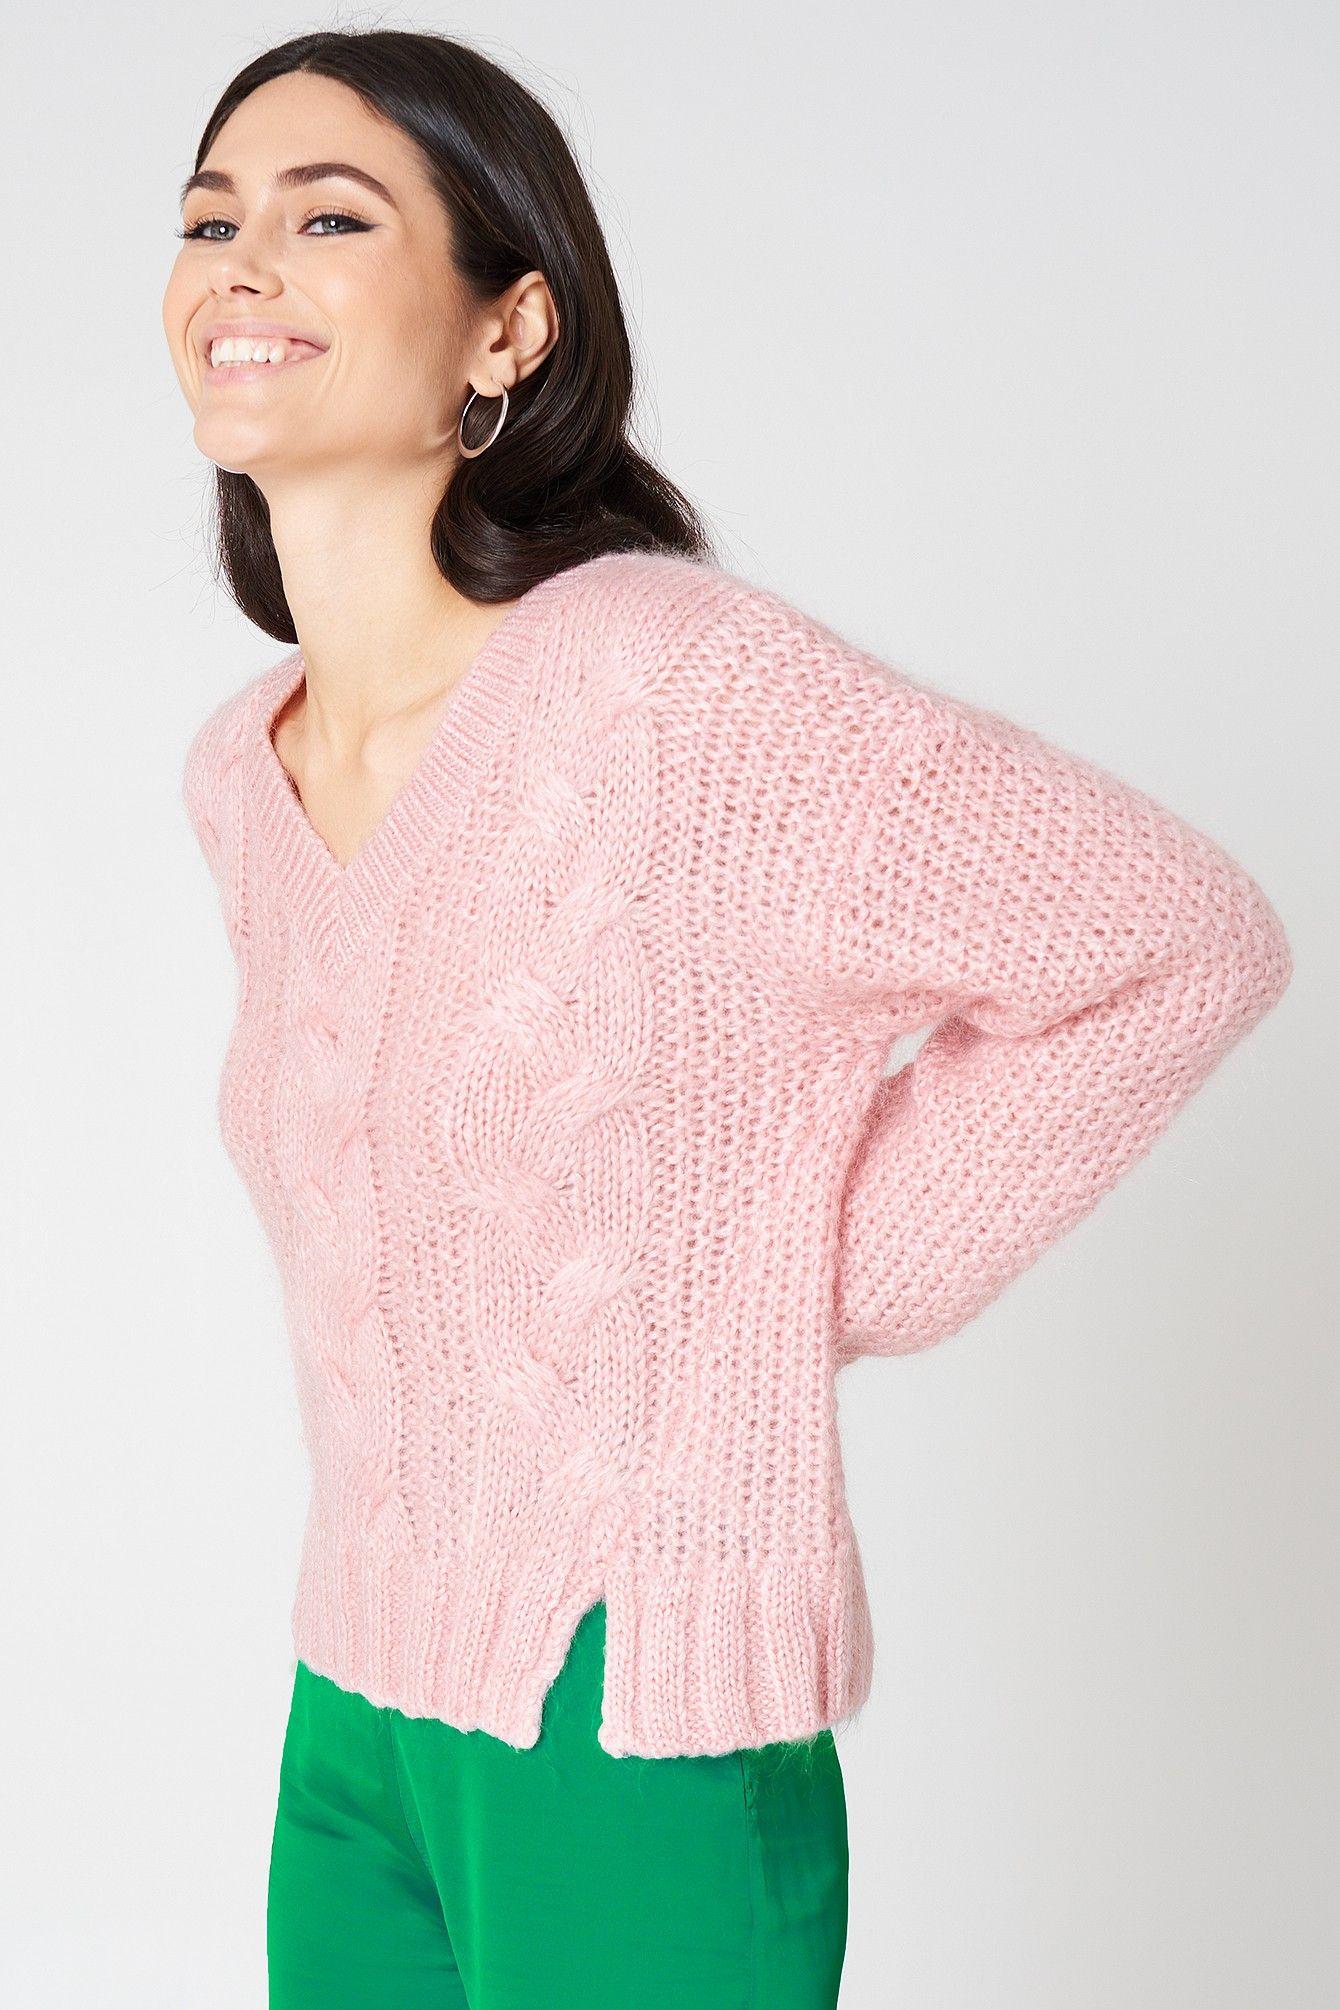 Pin On Scandinavian Fashion Brands For Women